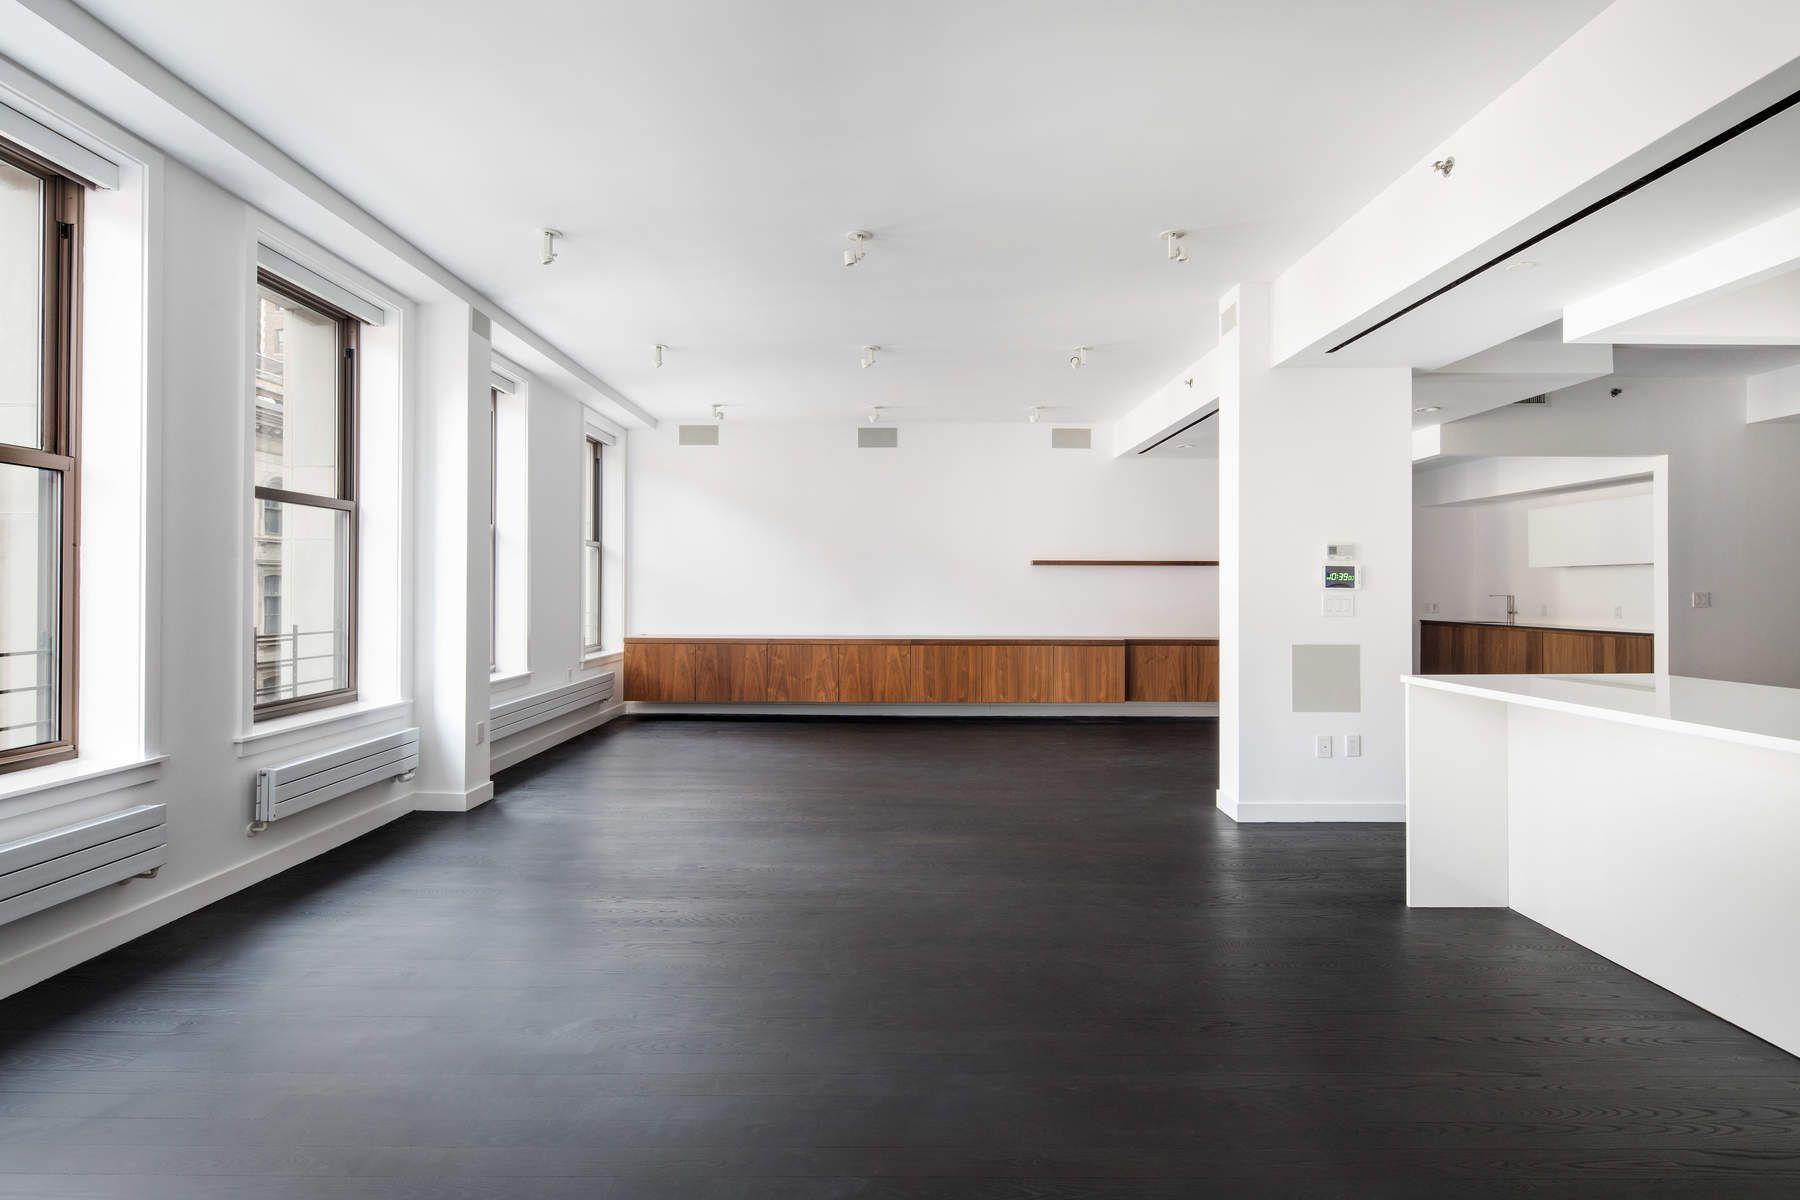 Кондоминиум для того Продажа на 3 Bedroom Plus Home Office Tribeca Loft 77 Reade Street Apt 5AC, Tribeca, New York, Нью-Йорк, 10007 Соединенные Штаты